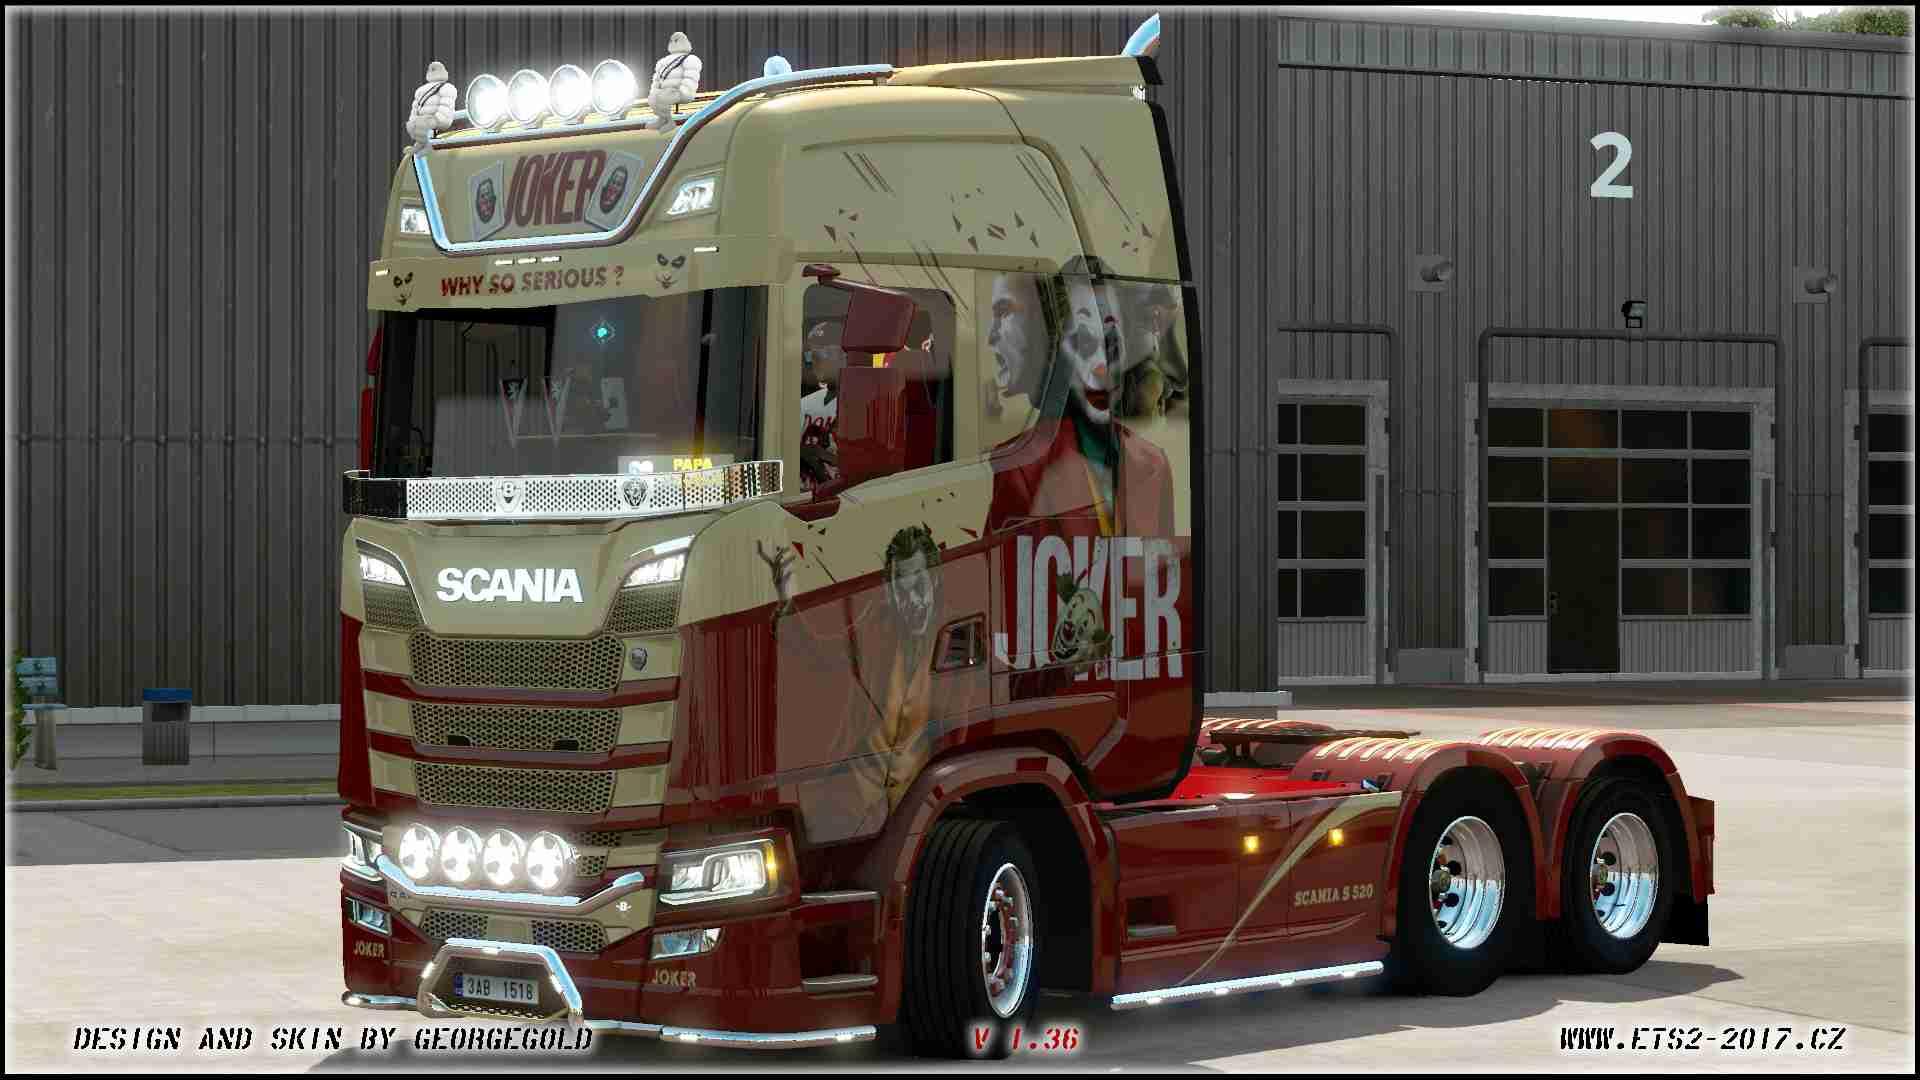 Scania S NG Joker